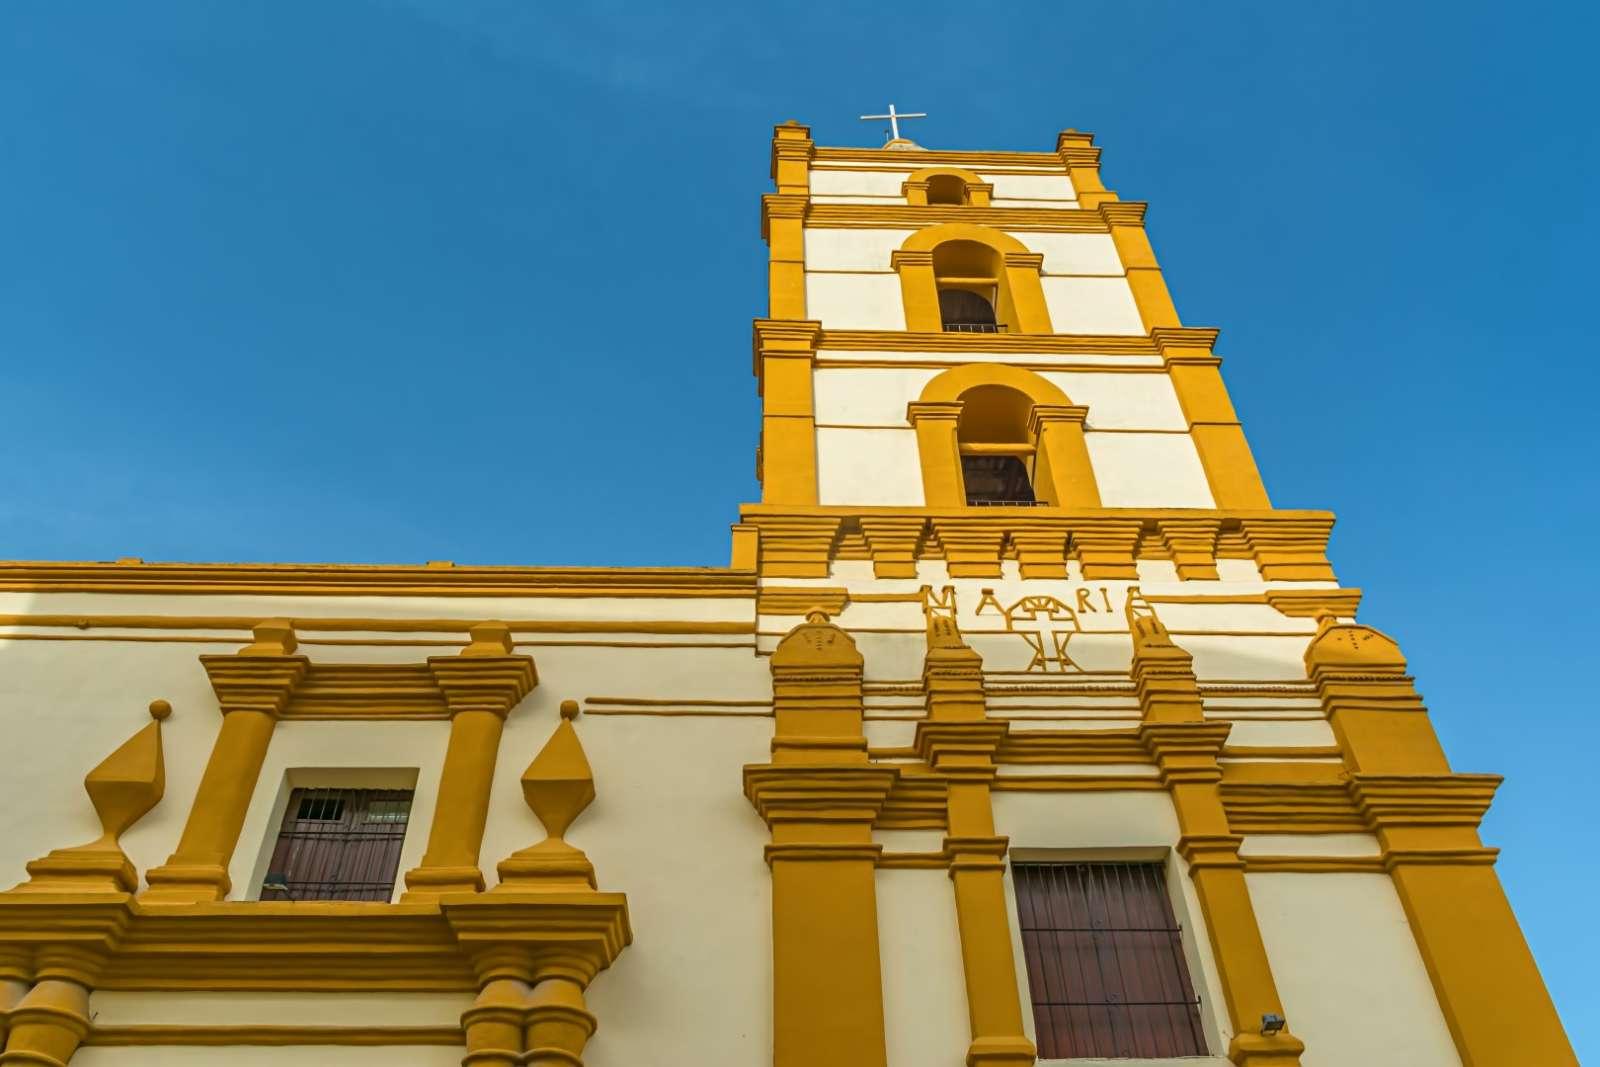 Church of Nuestra Señora De La Soledad in Camagüey, Cuba